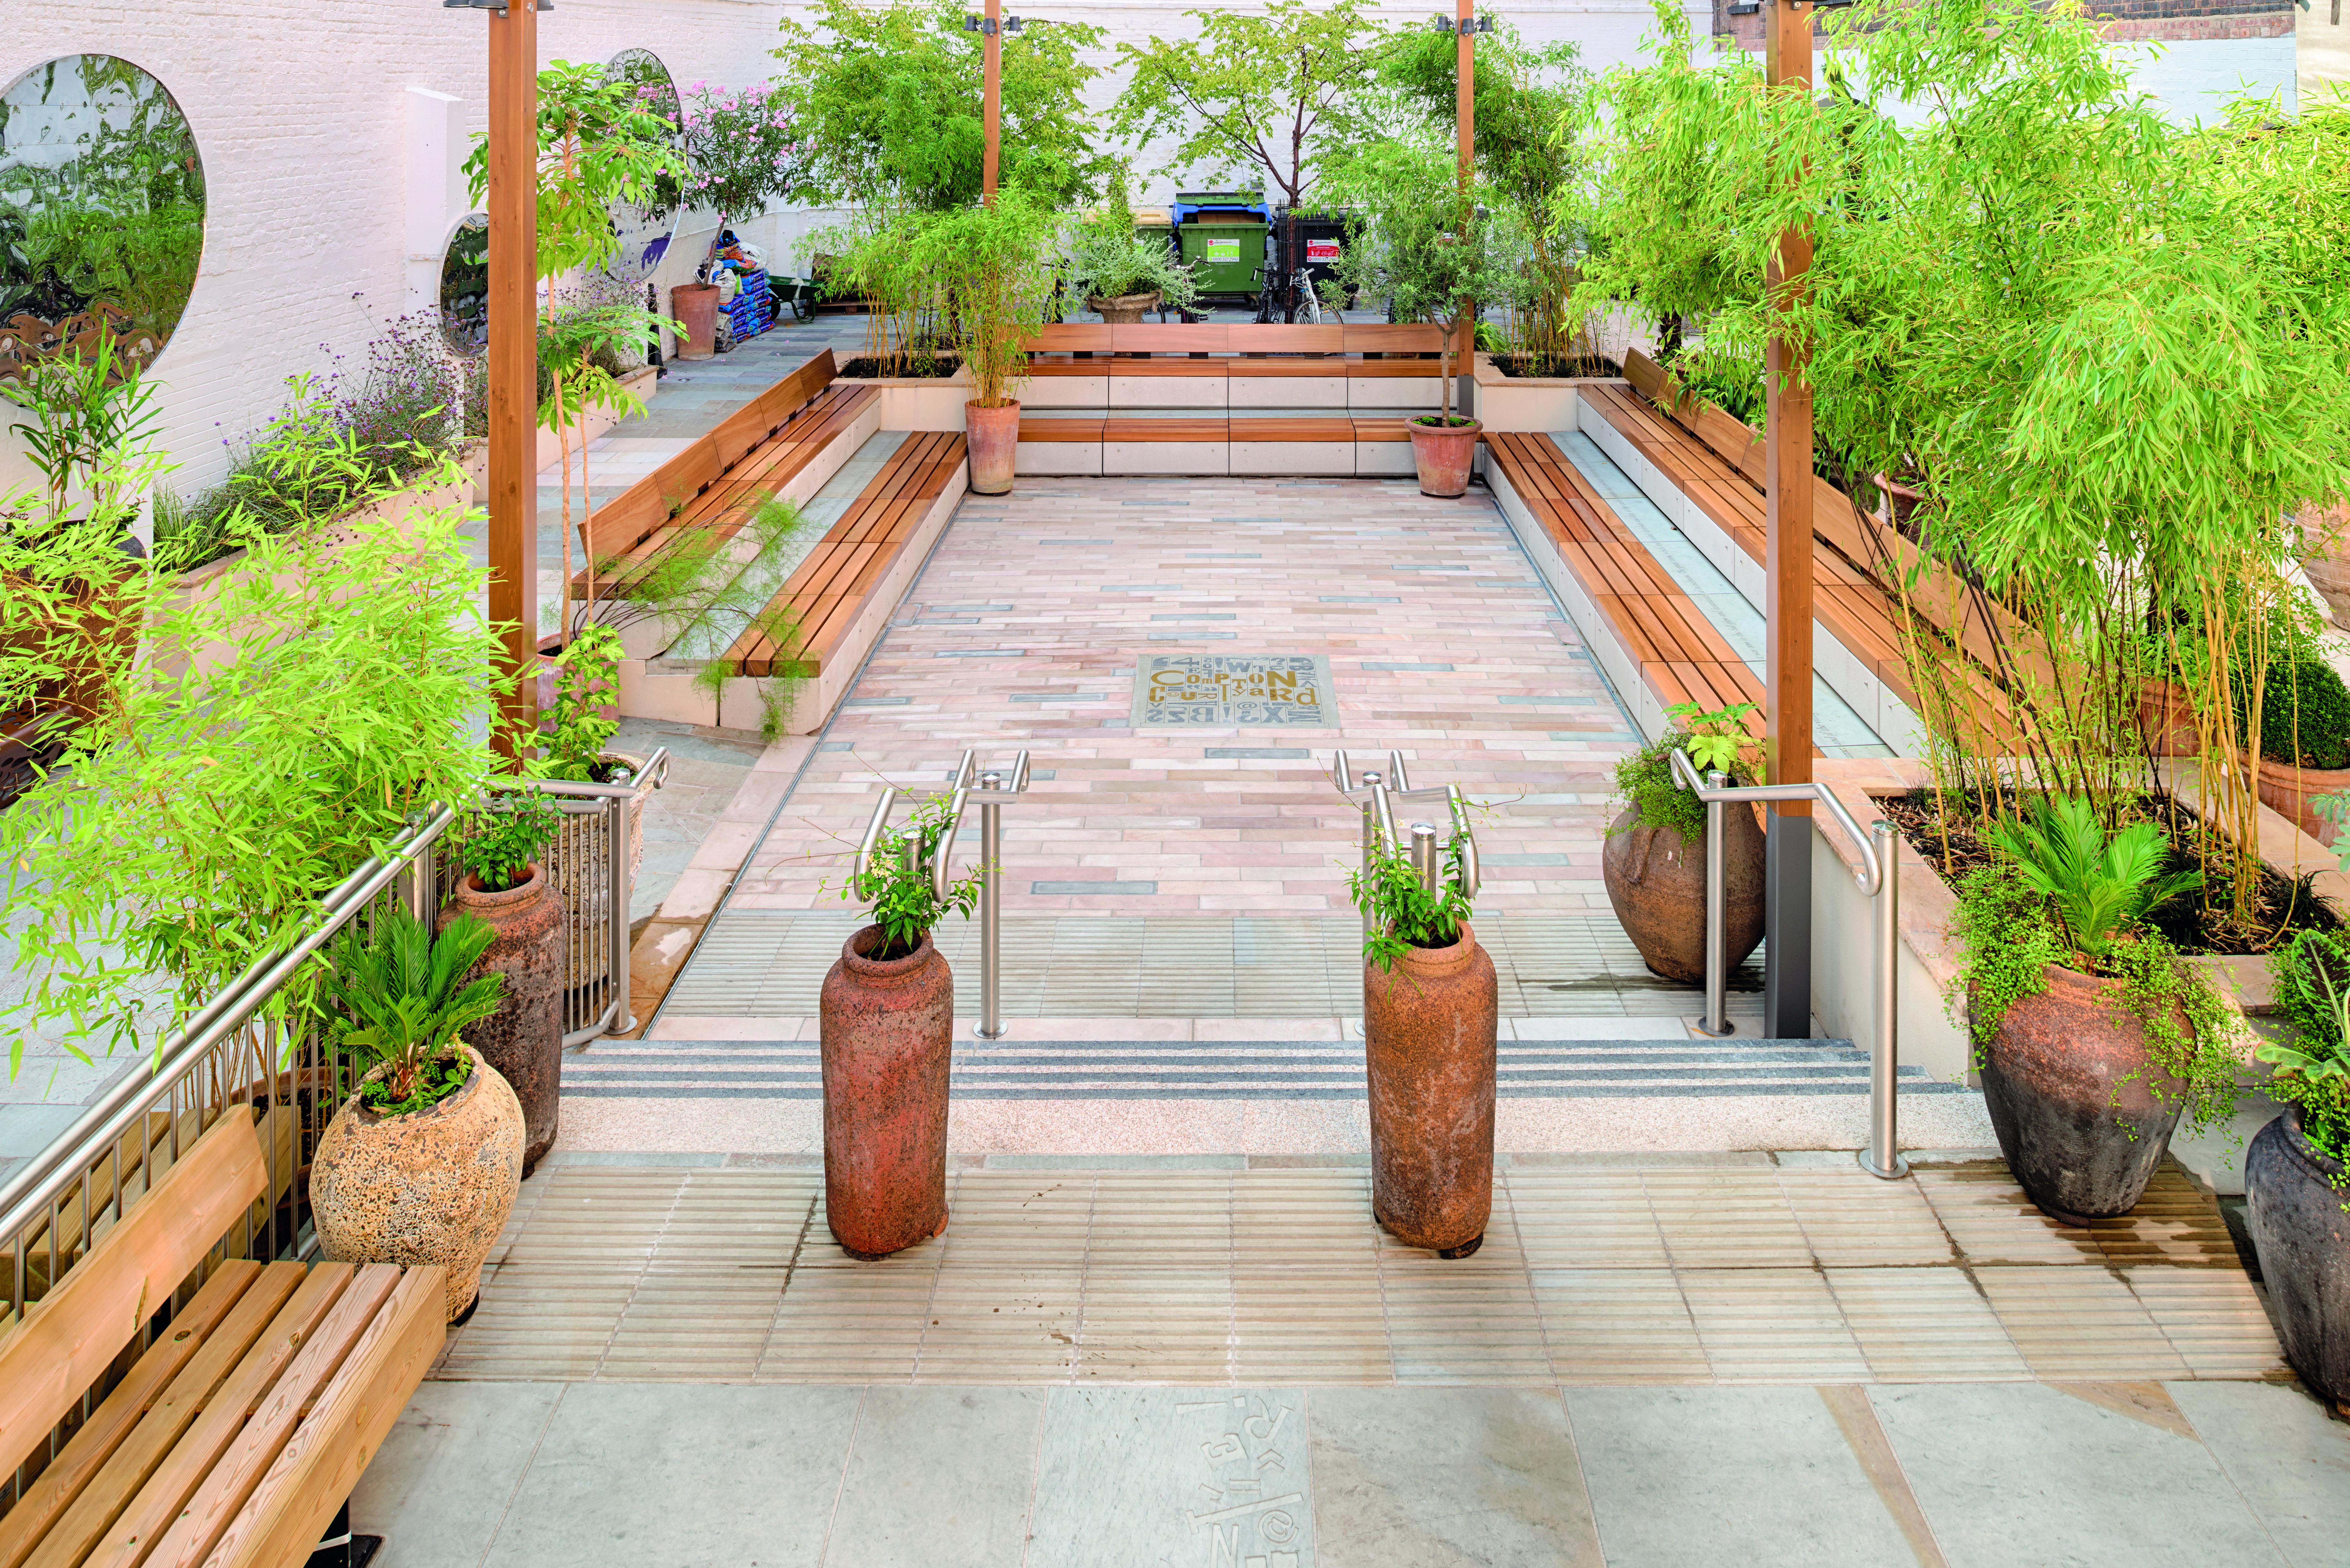 birmingham design space